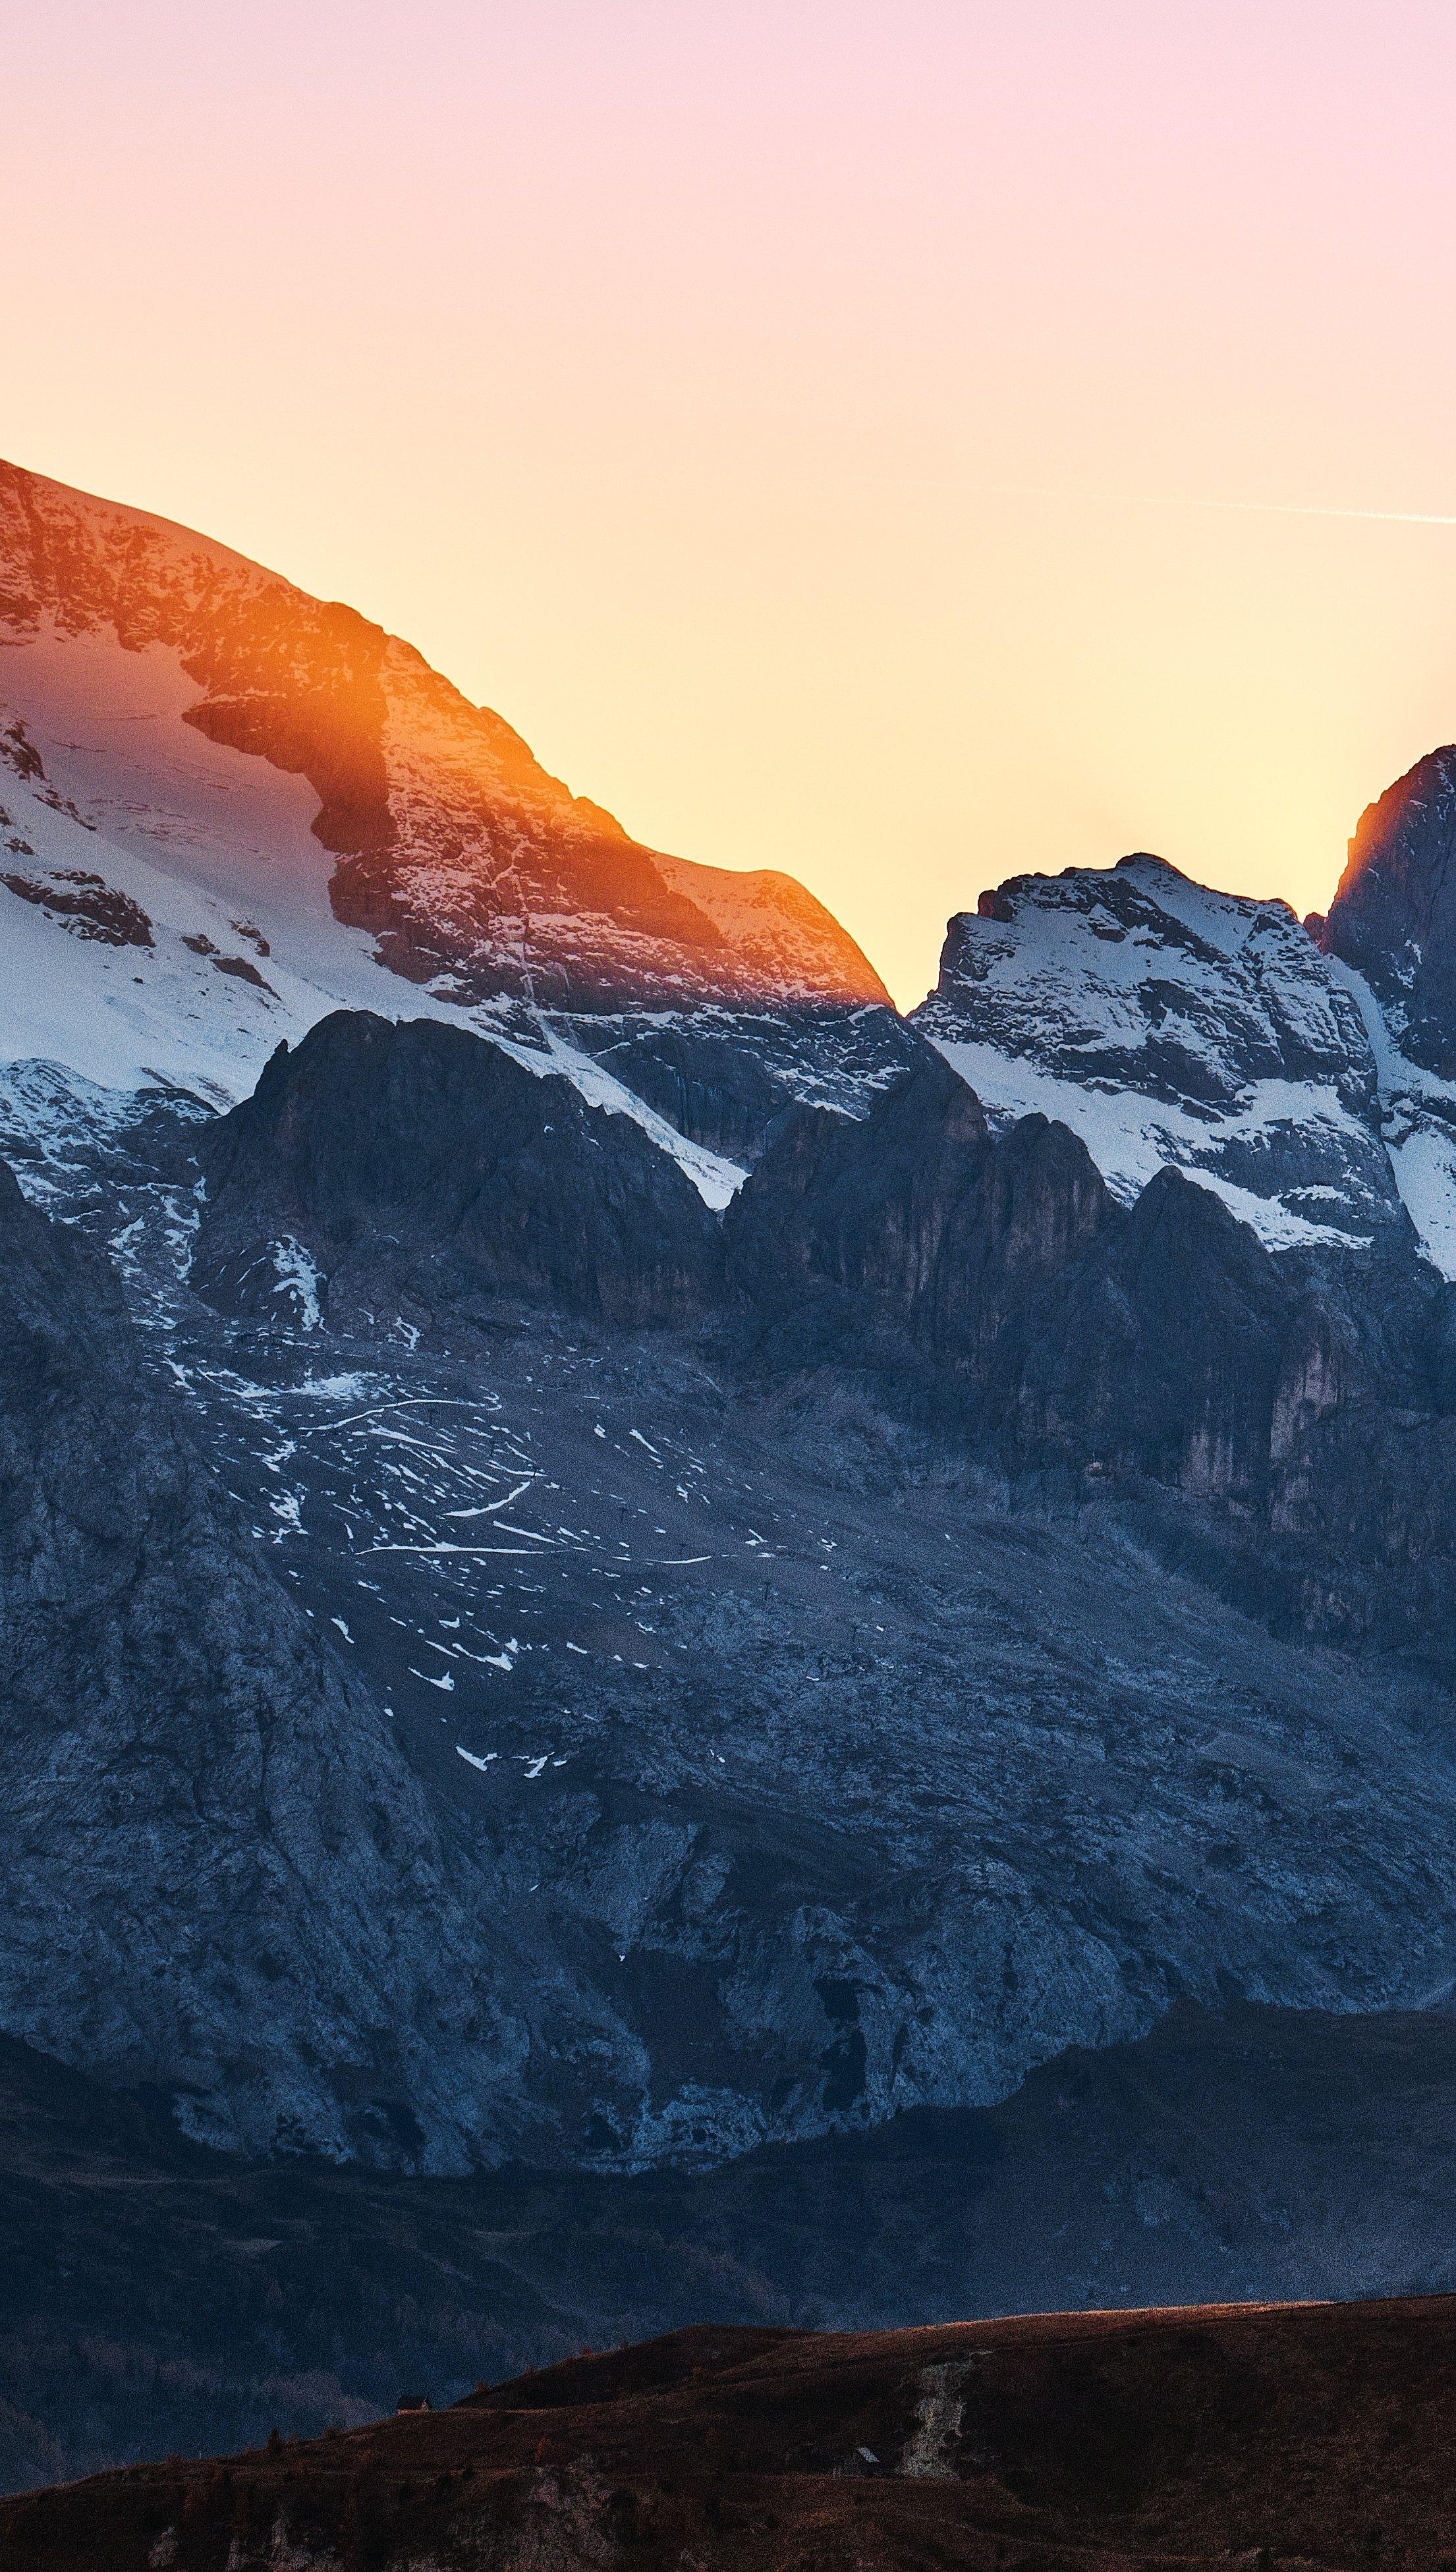 Fondos de pantalla Montañas nevadas en atardecer Vertical